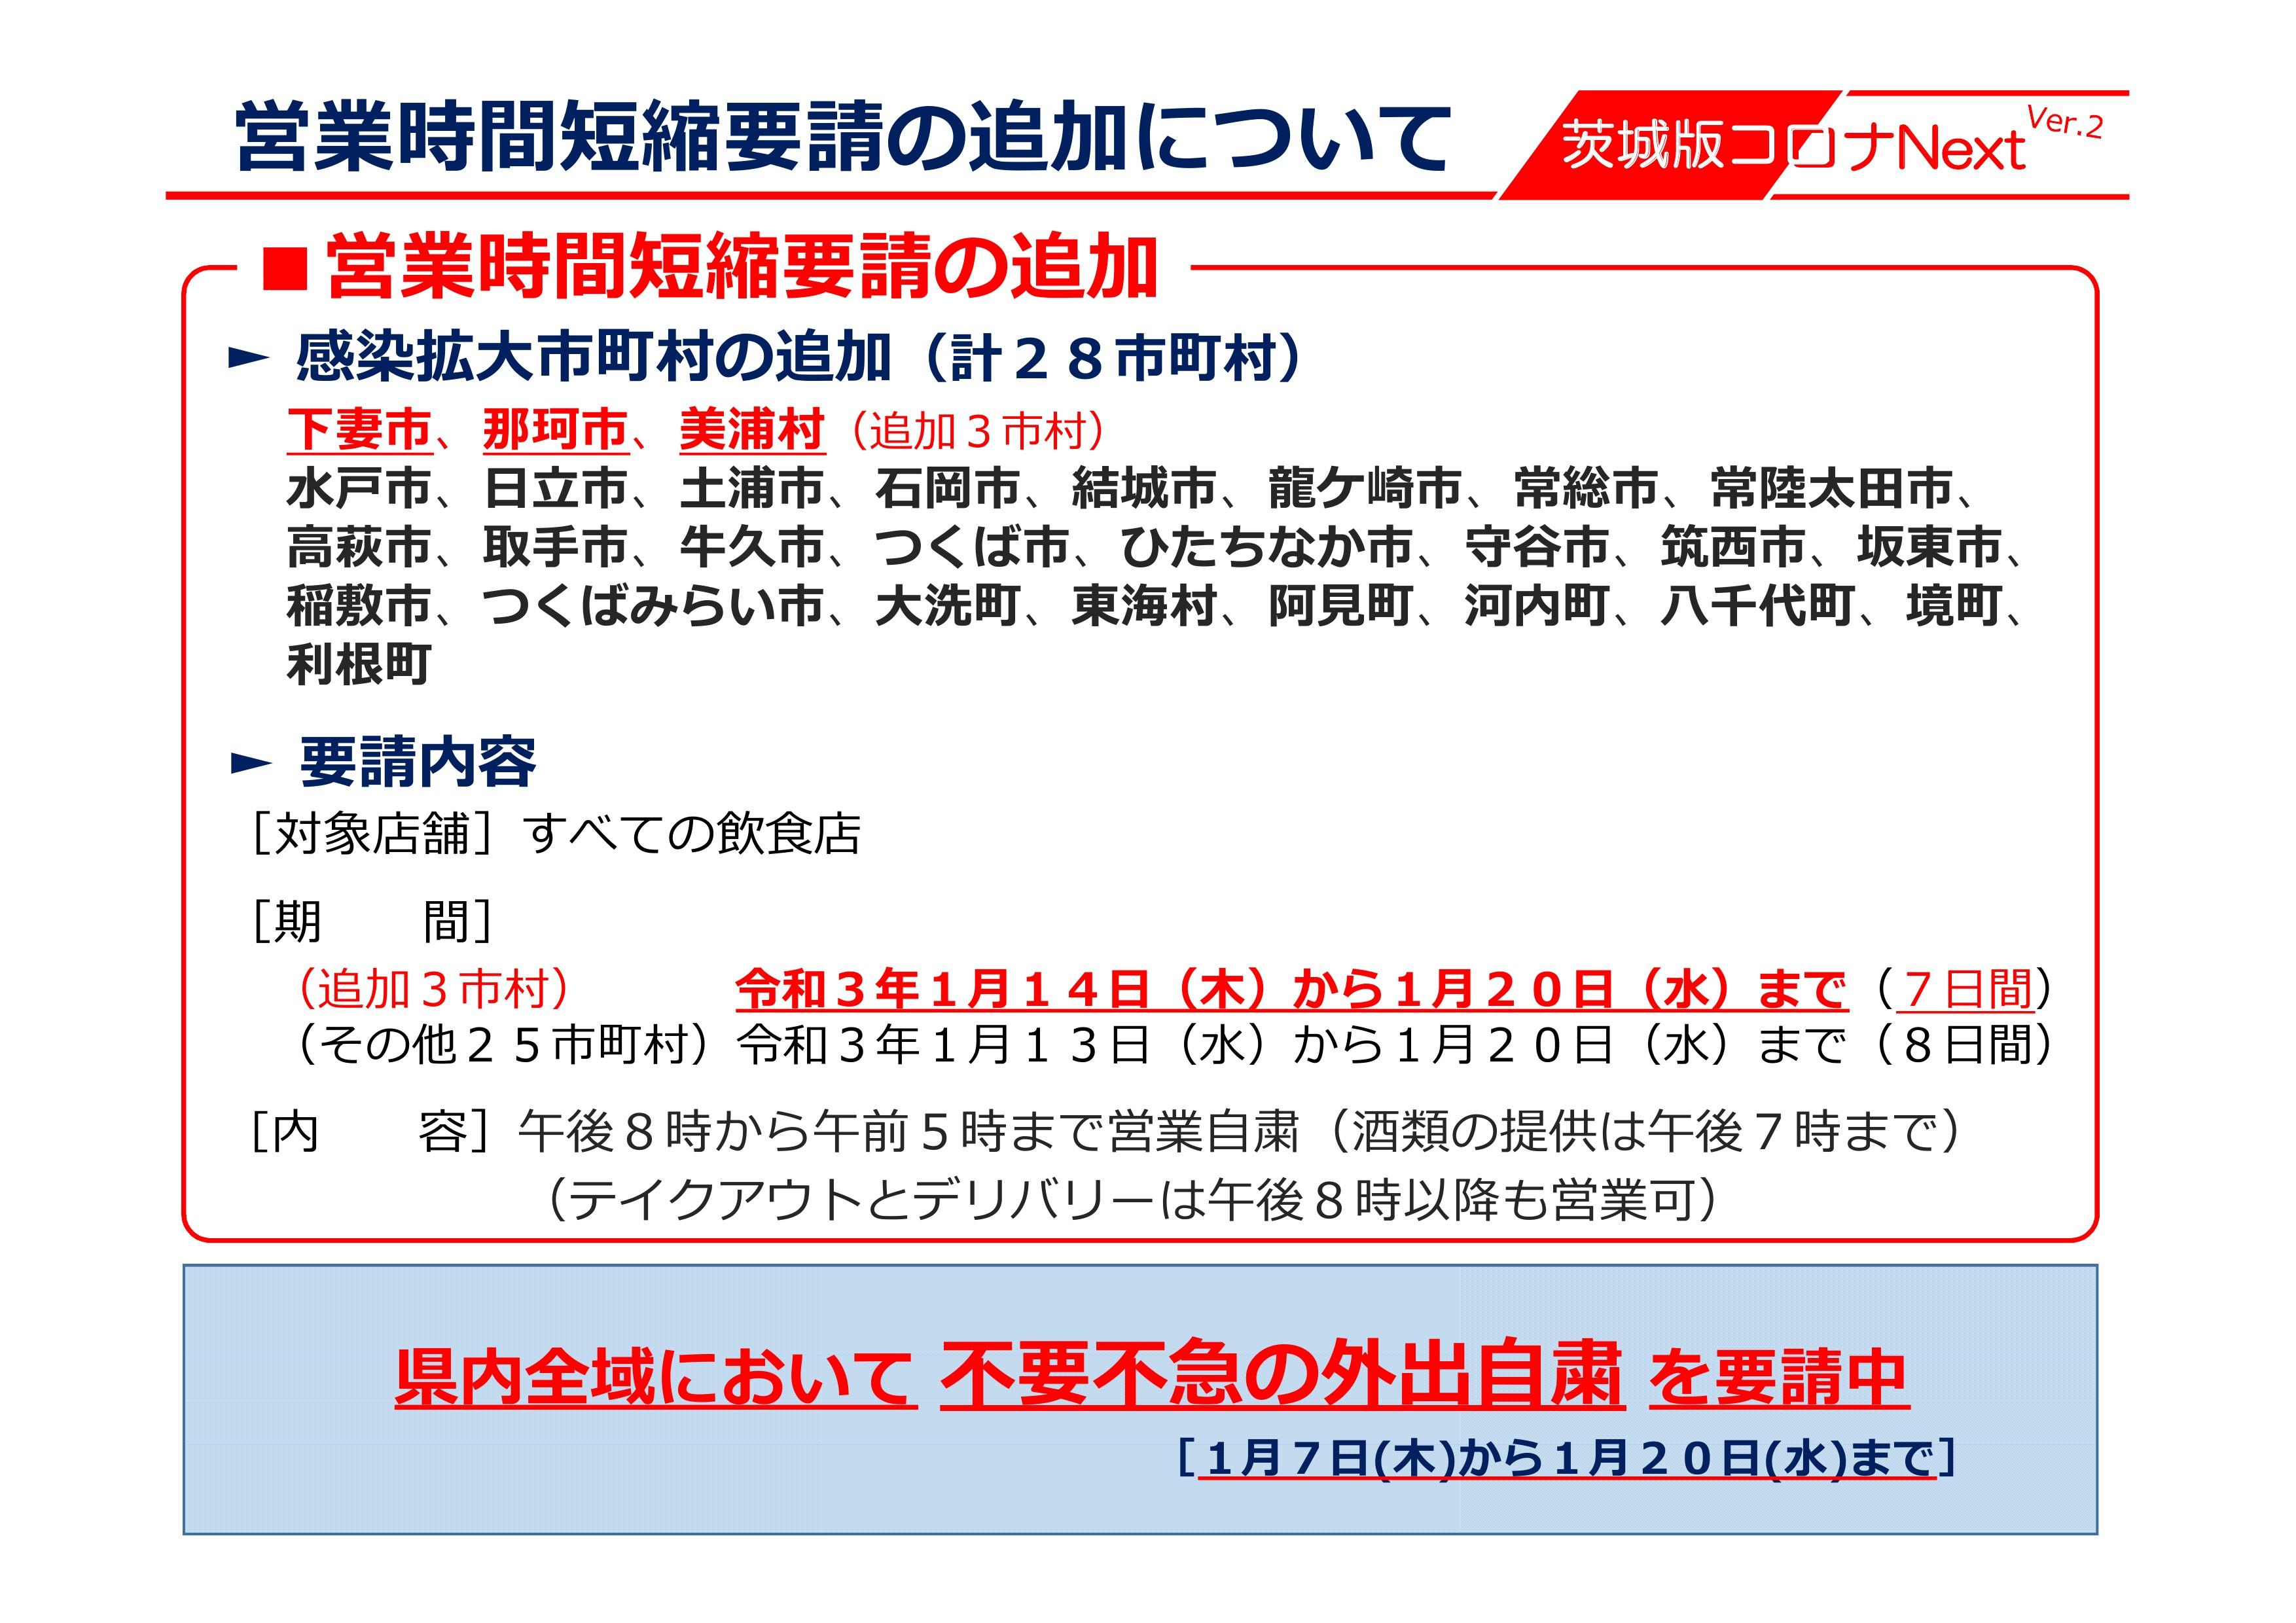 1月13日茨城県発表資料2